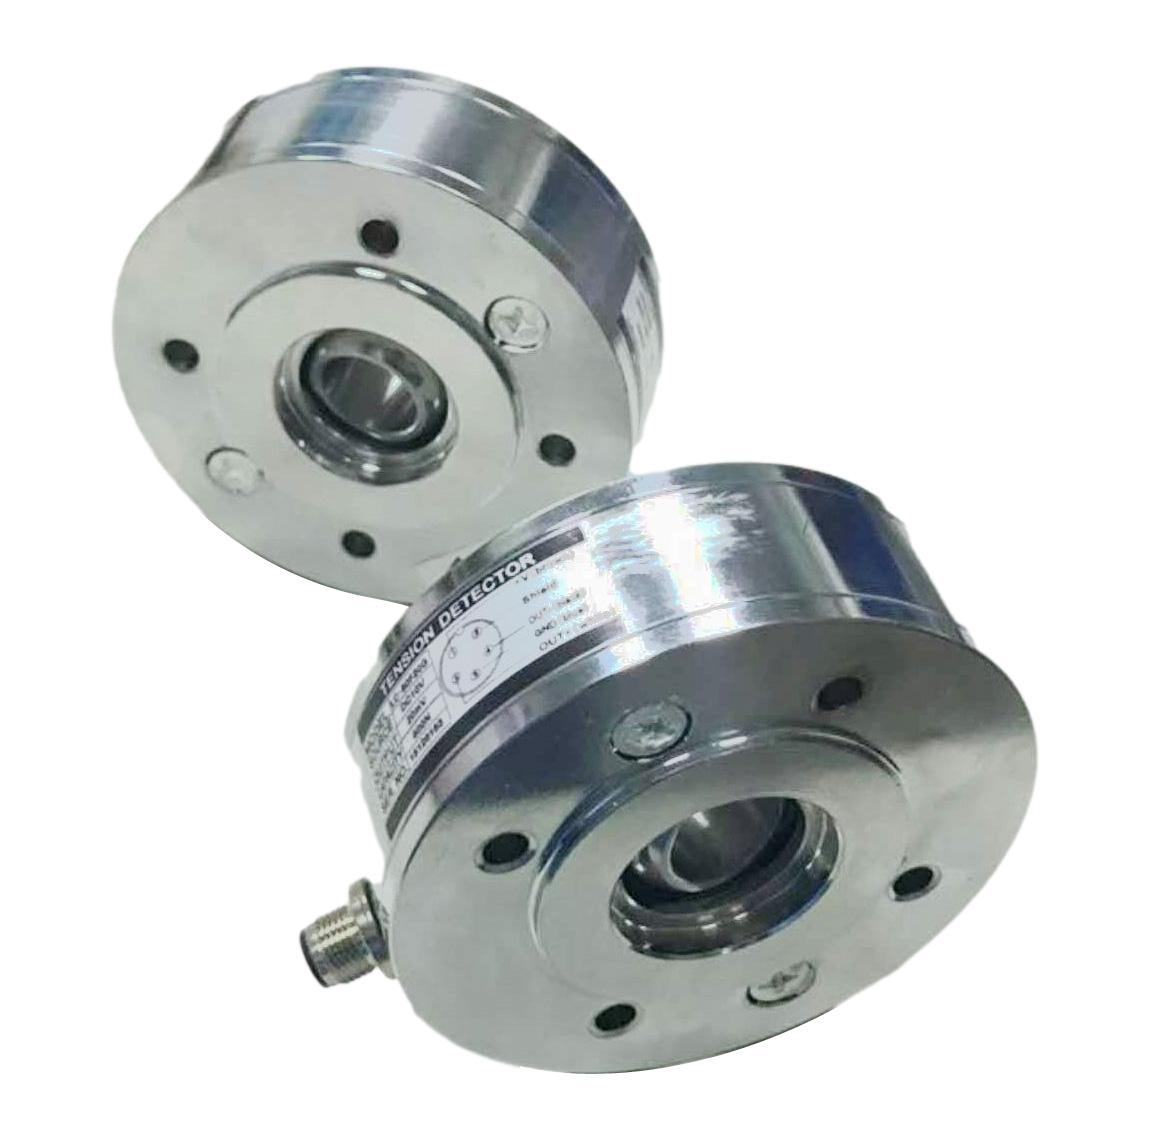 LC系列穿軸式張力檢測器22